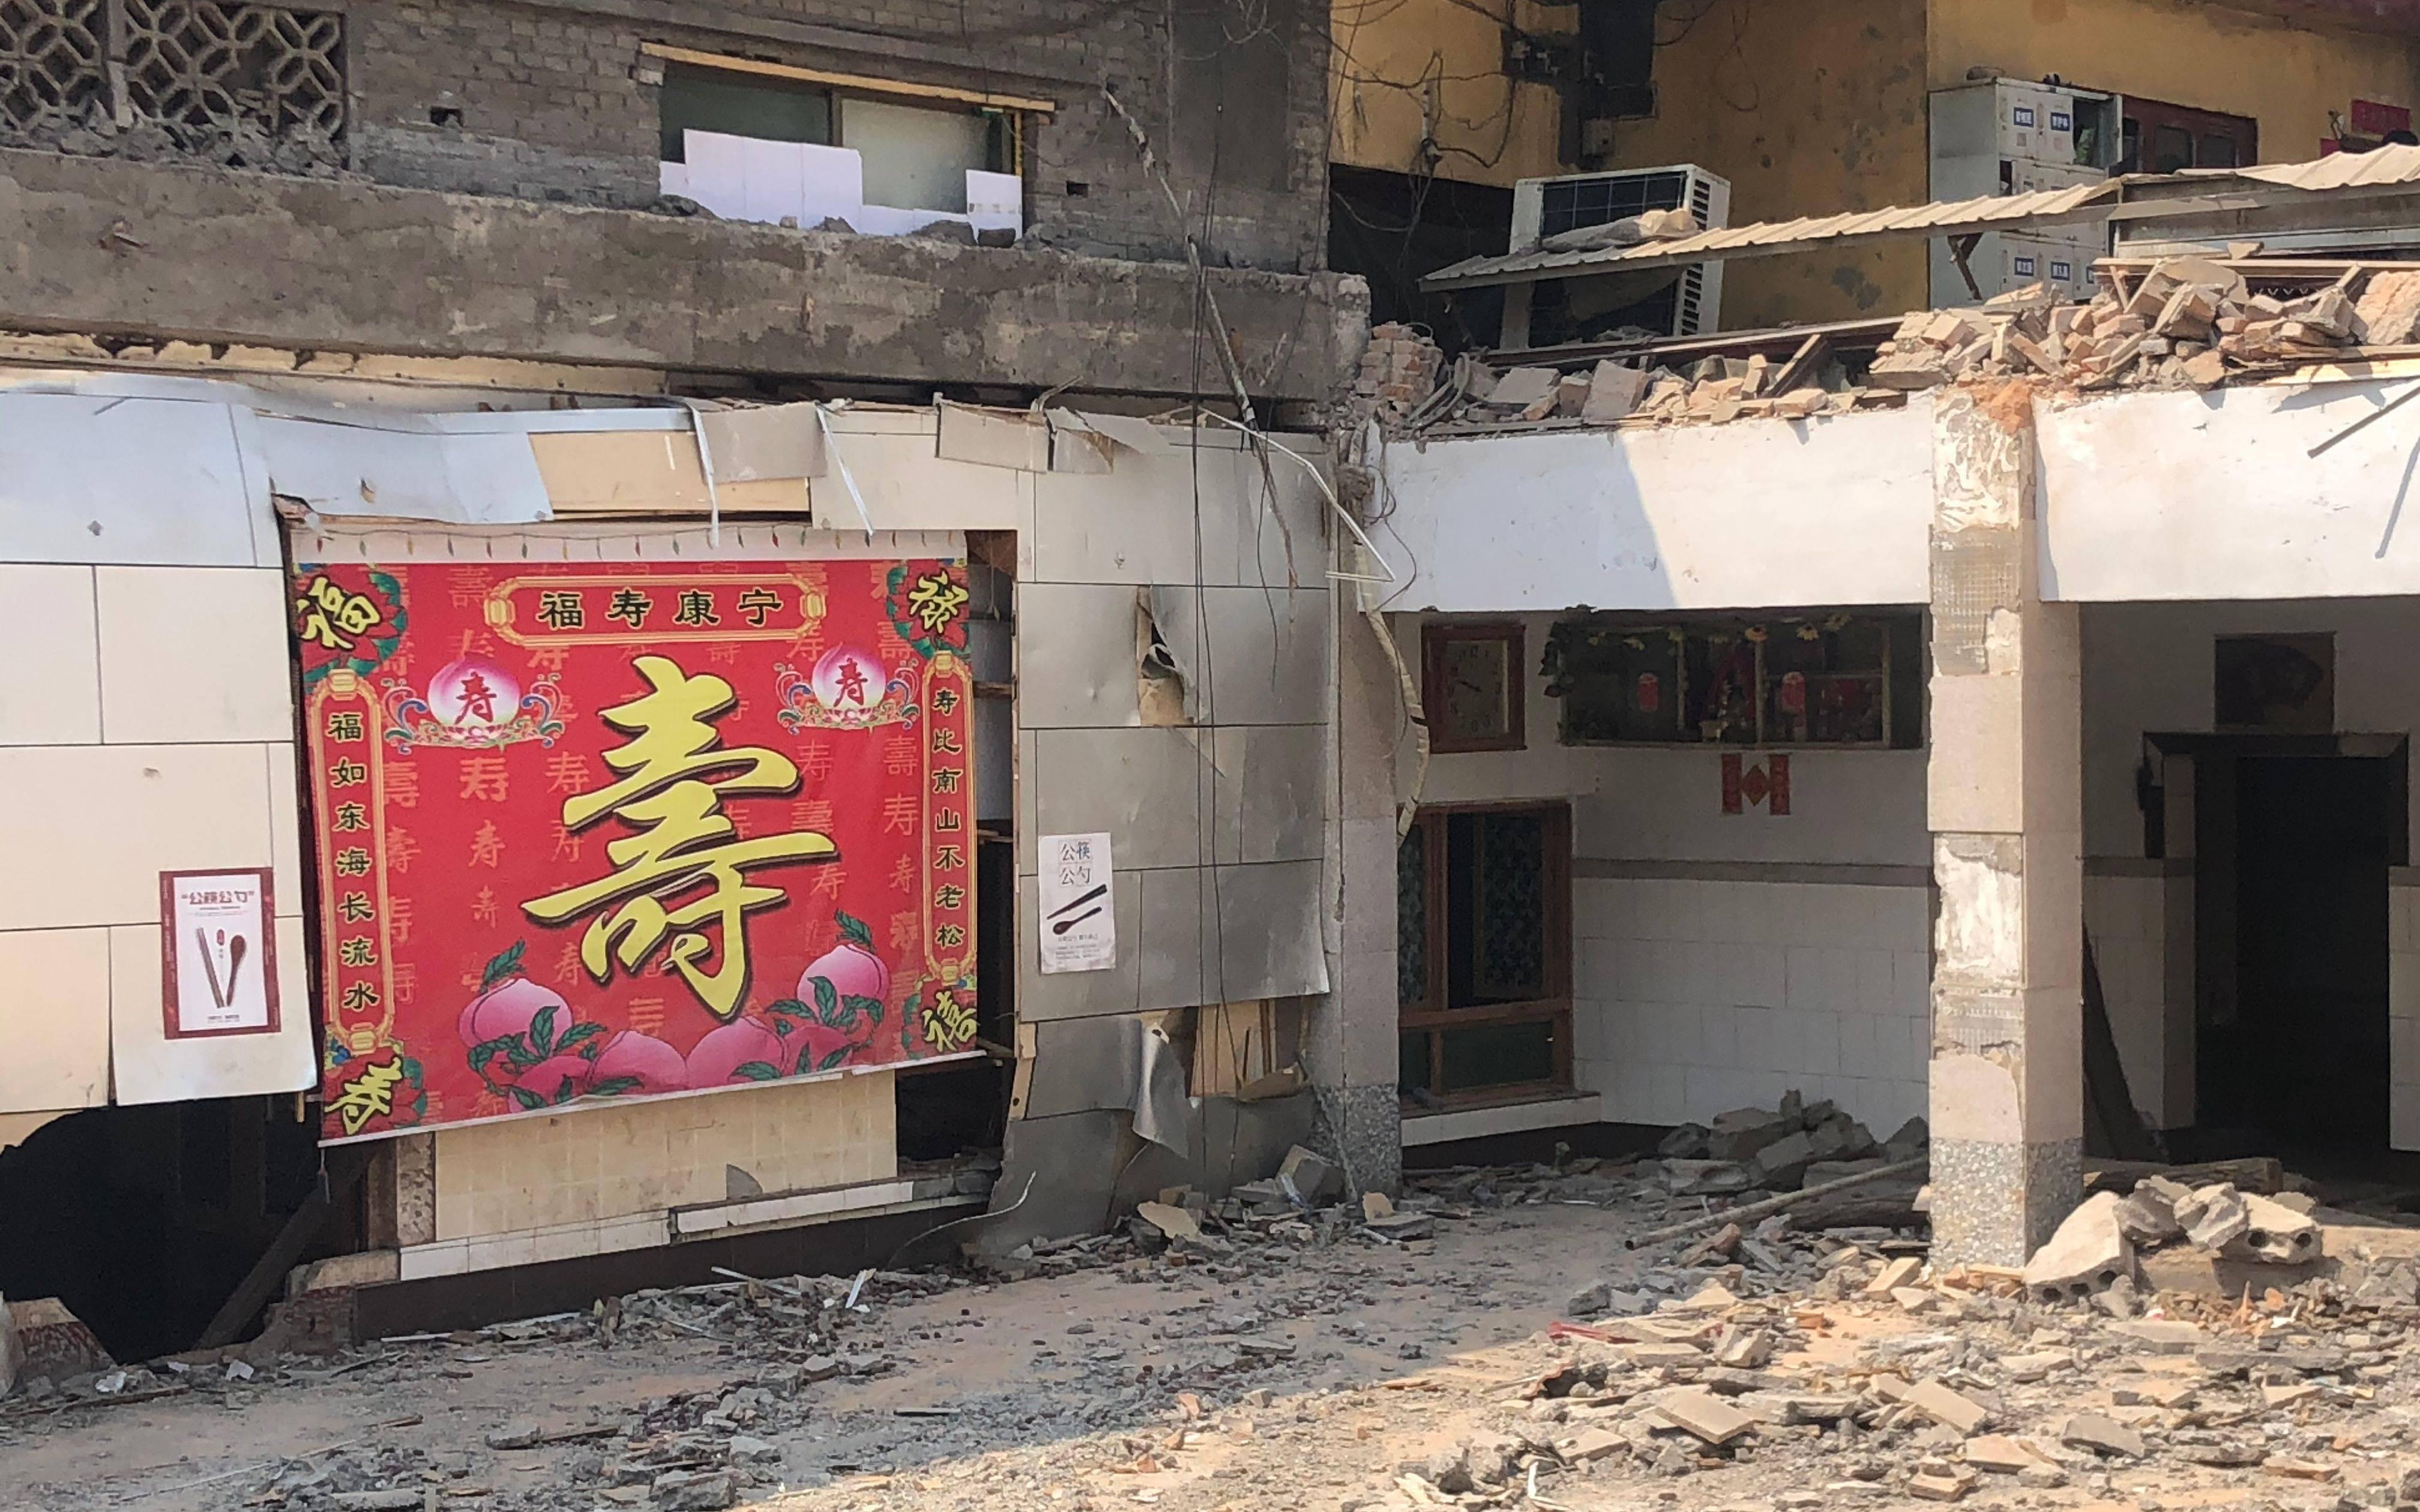 山西坍塌饭店老板亲戚:他一家人都没事,但他奋斗一辈子算完了